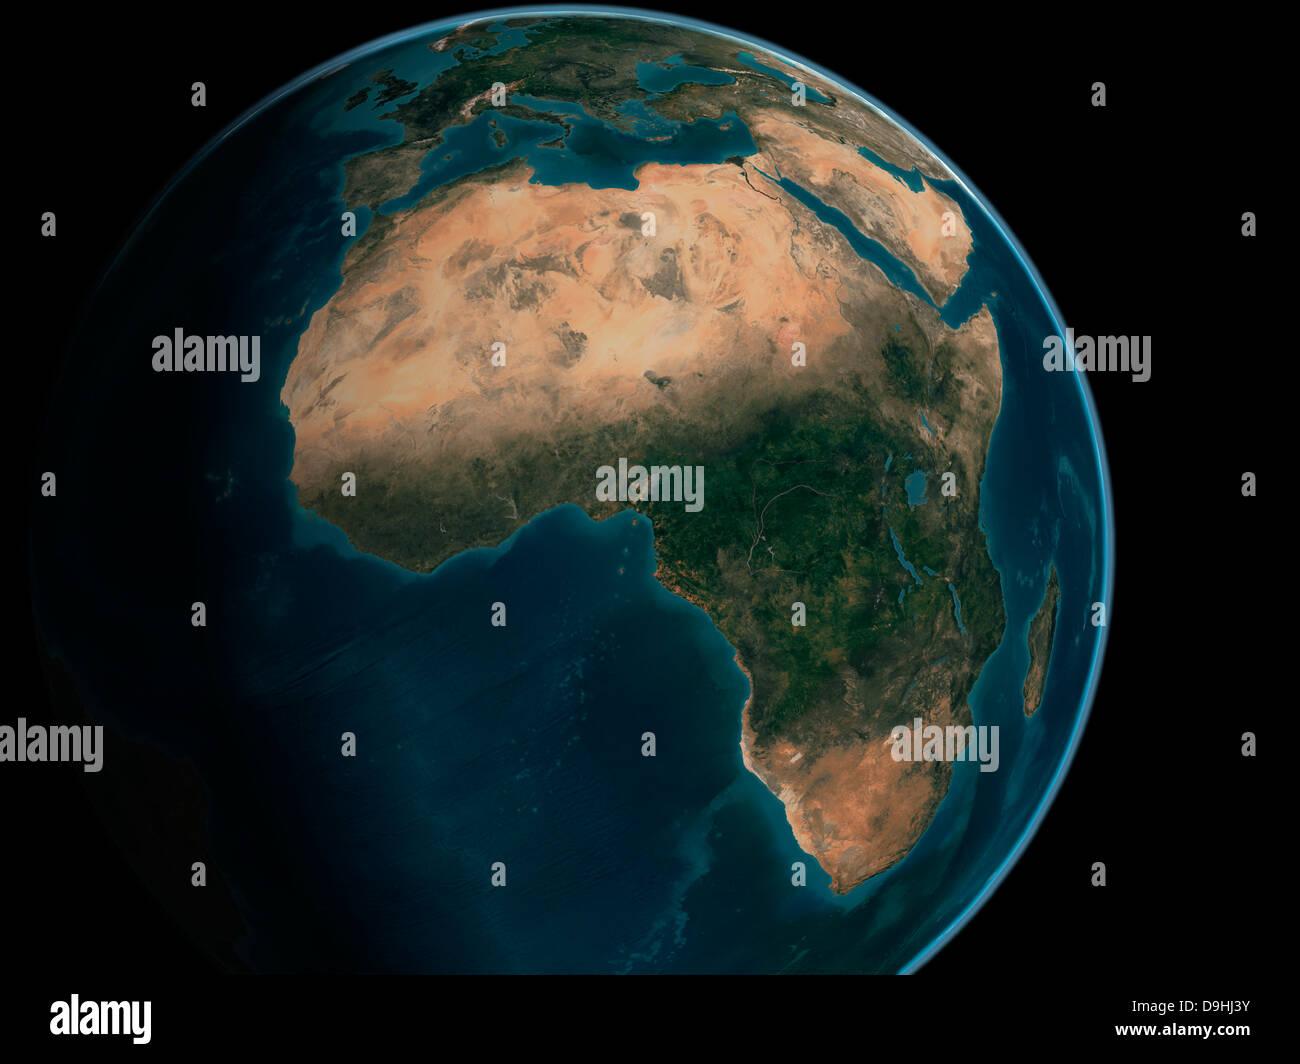 Voll Erde aus dem Weltraum über dem afrikanischen Kontinent. Stockbild